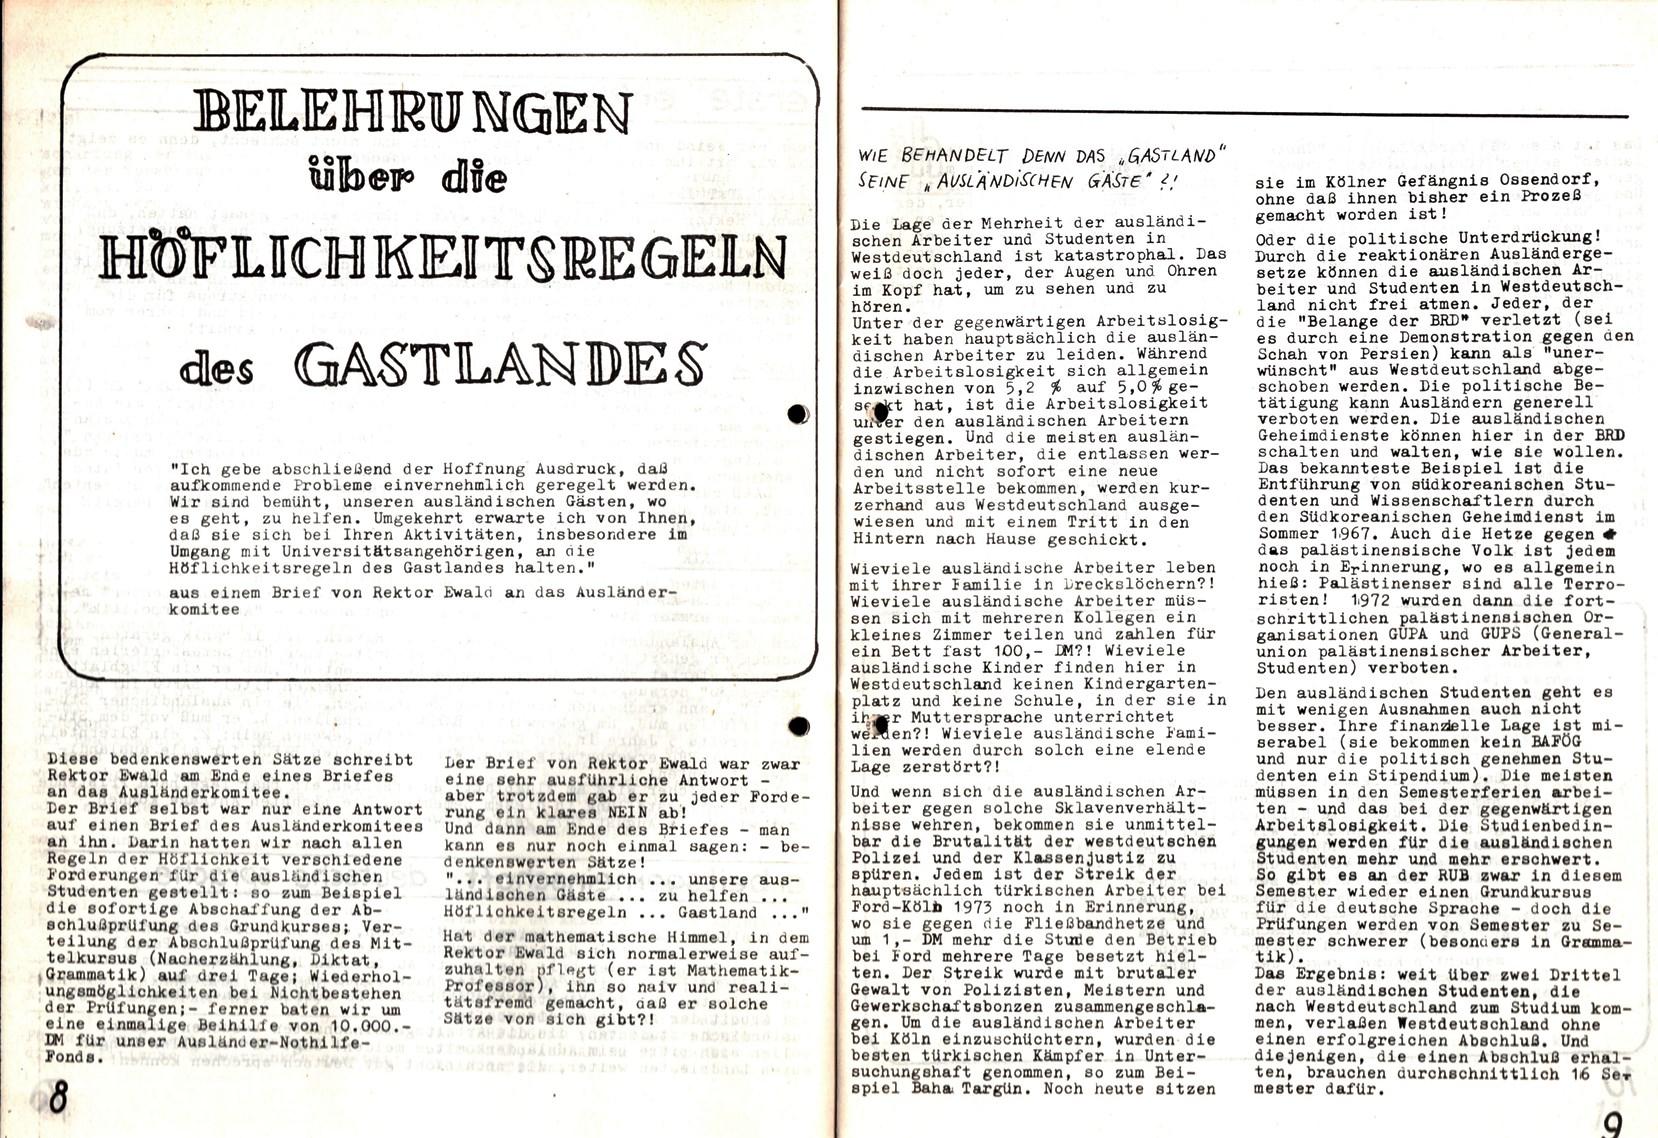 Bochum_RUB_Auslaenderzeitung_19750500_005